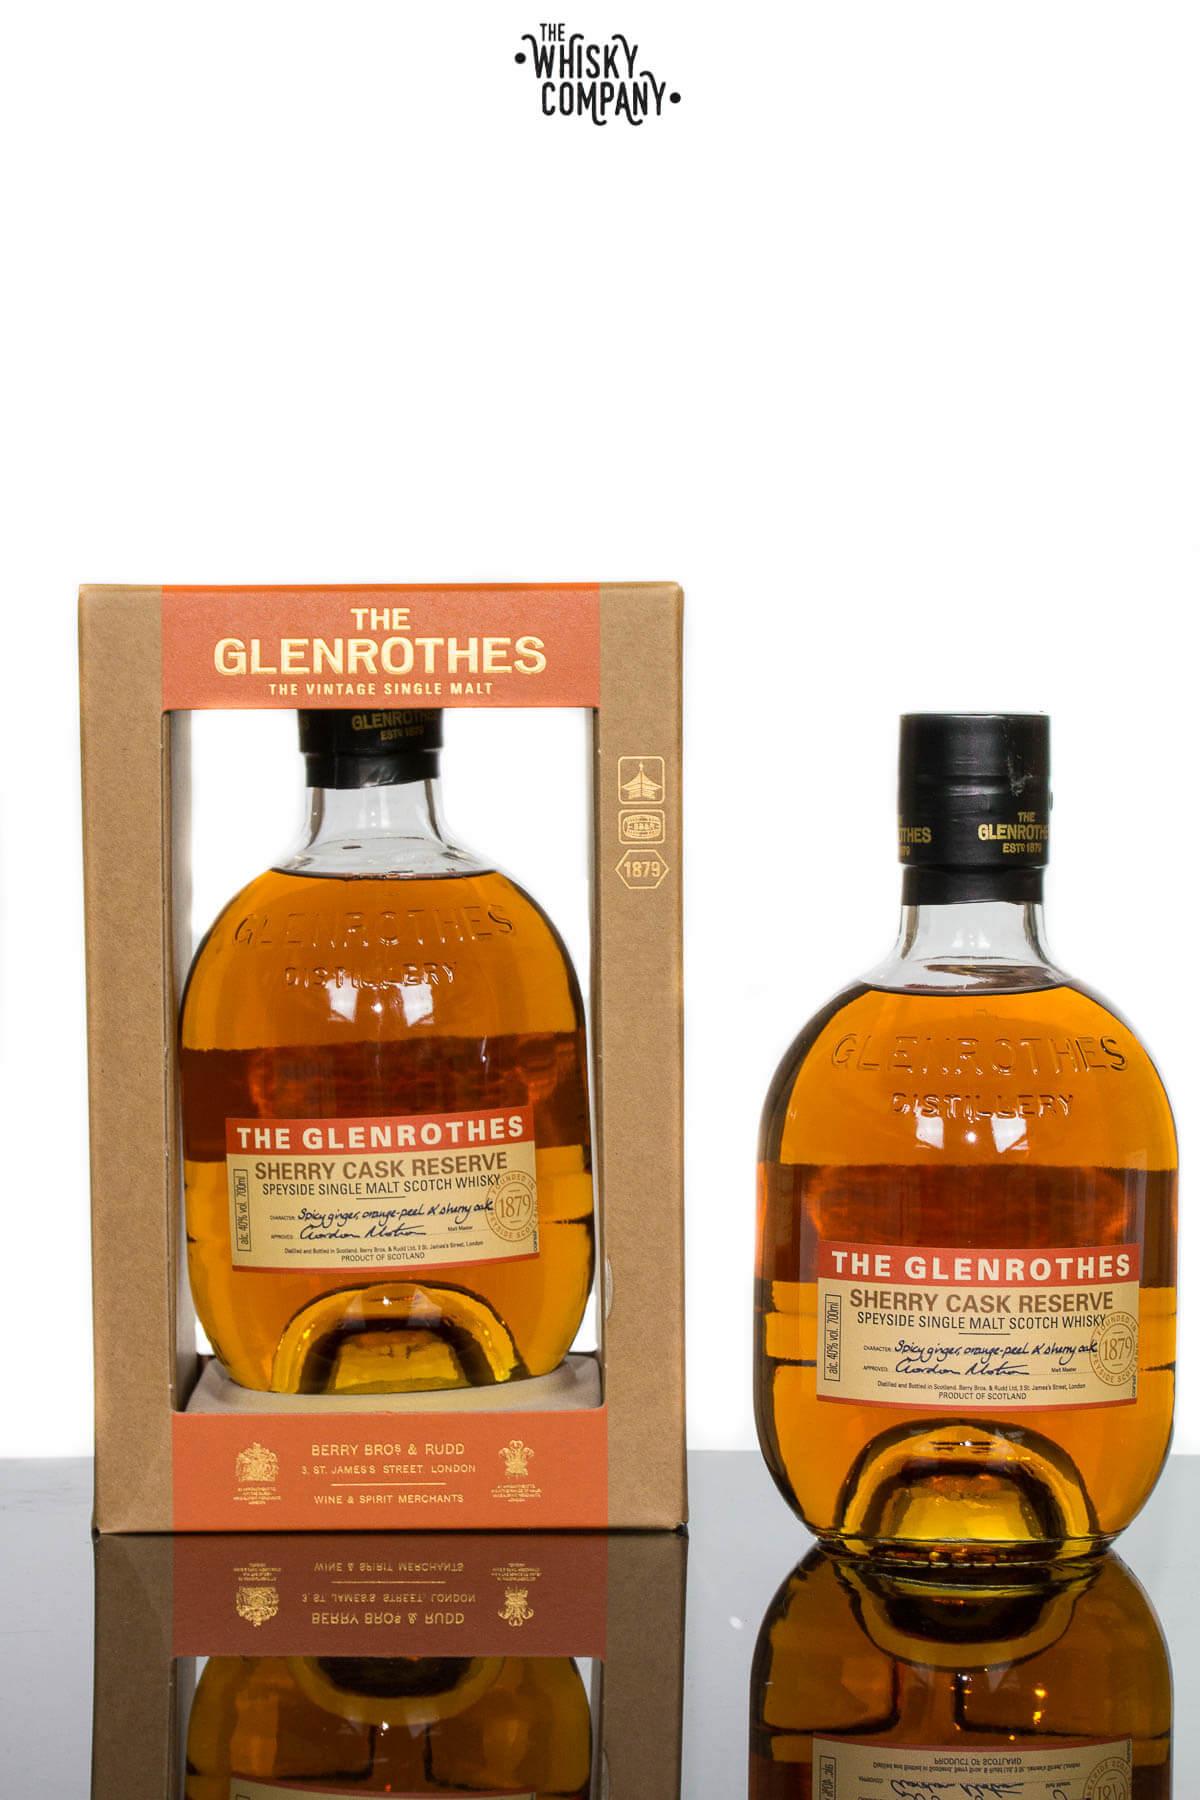 Glenrothes Sherry Cask Reserve Single Malt Scotch Whisky (700ml)